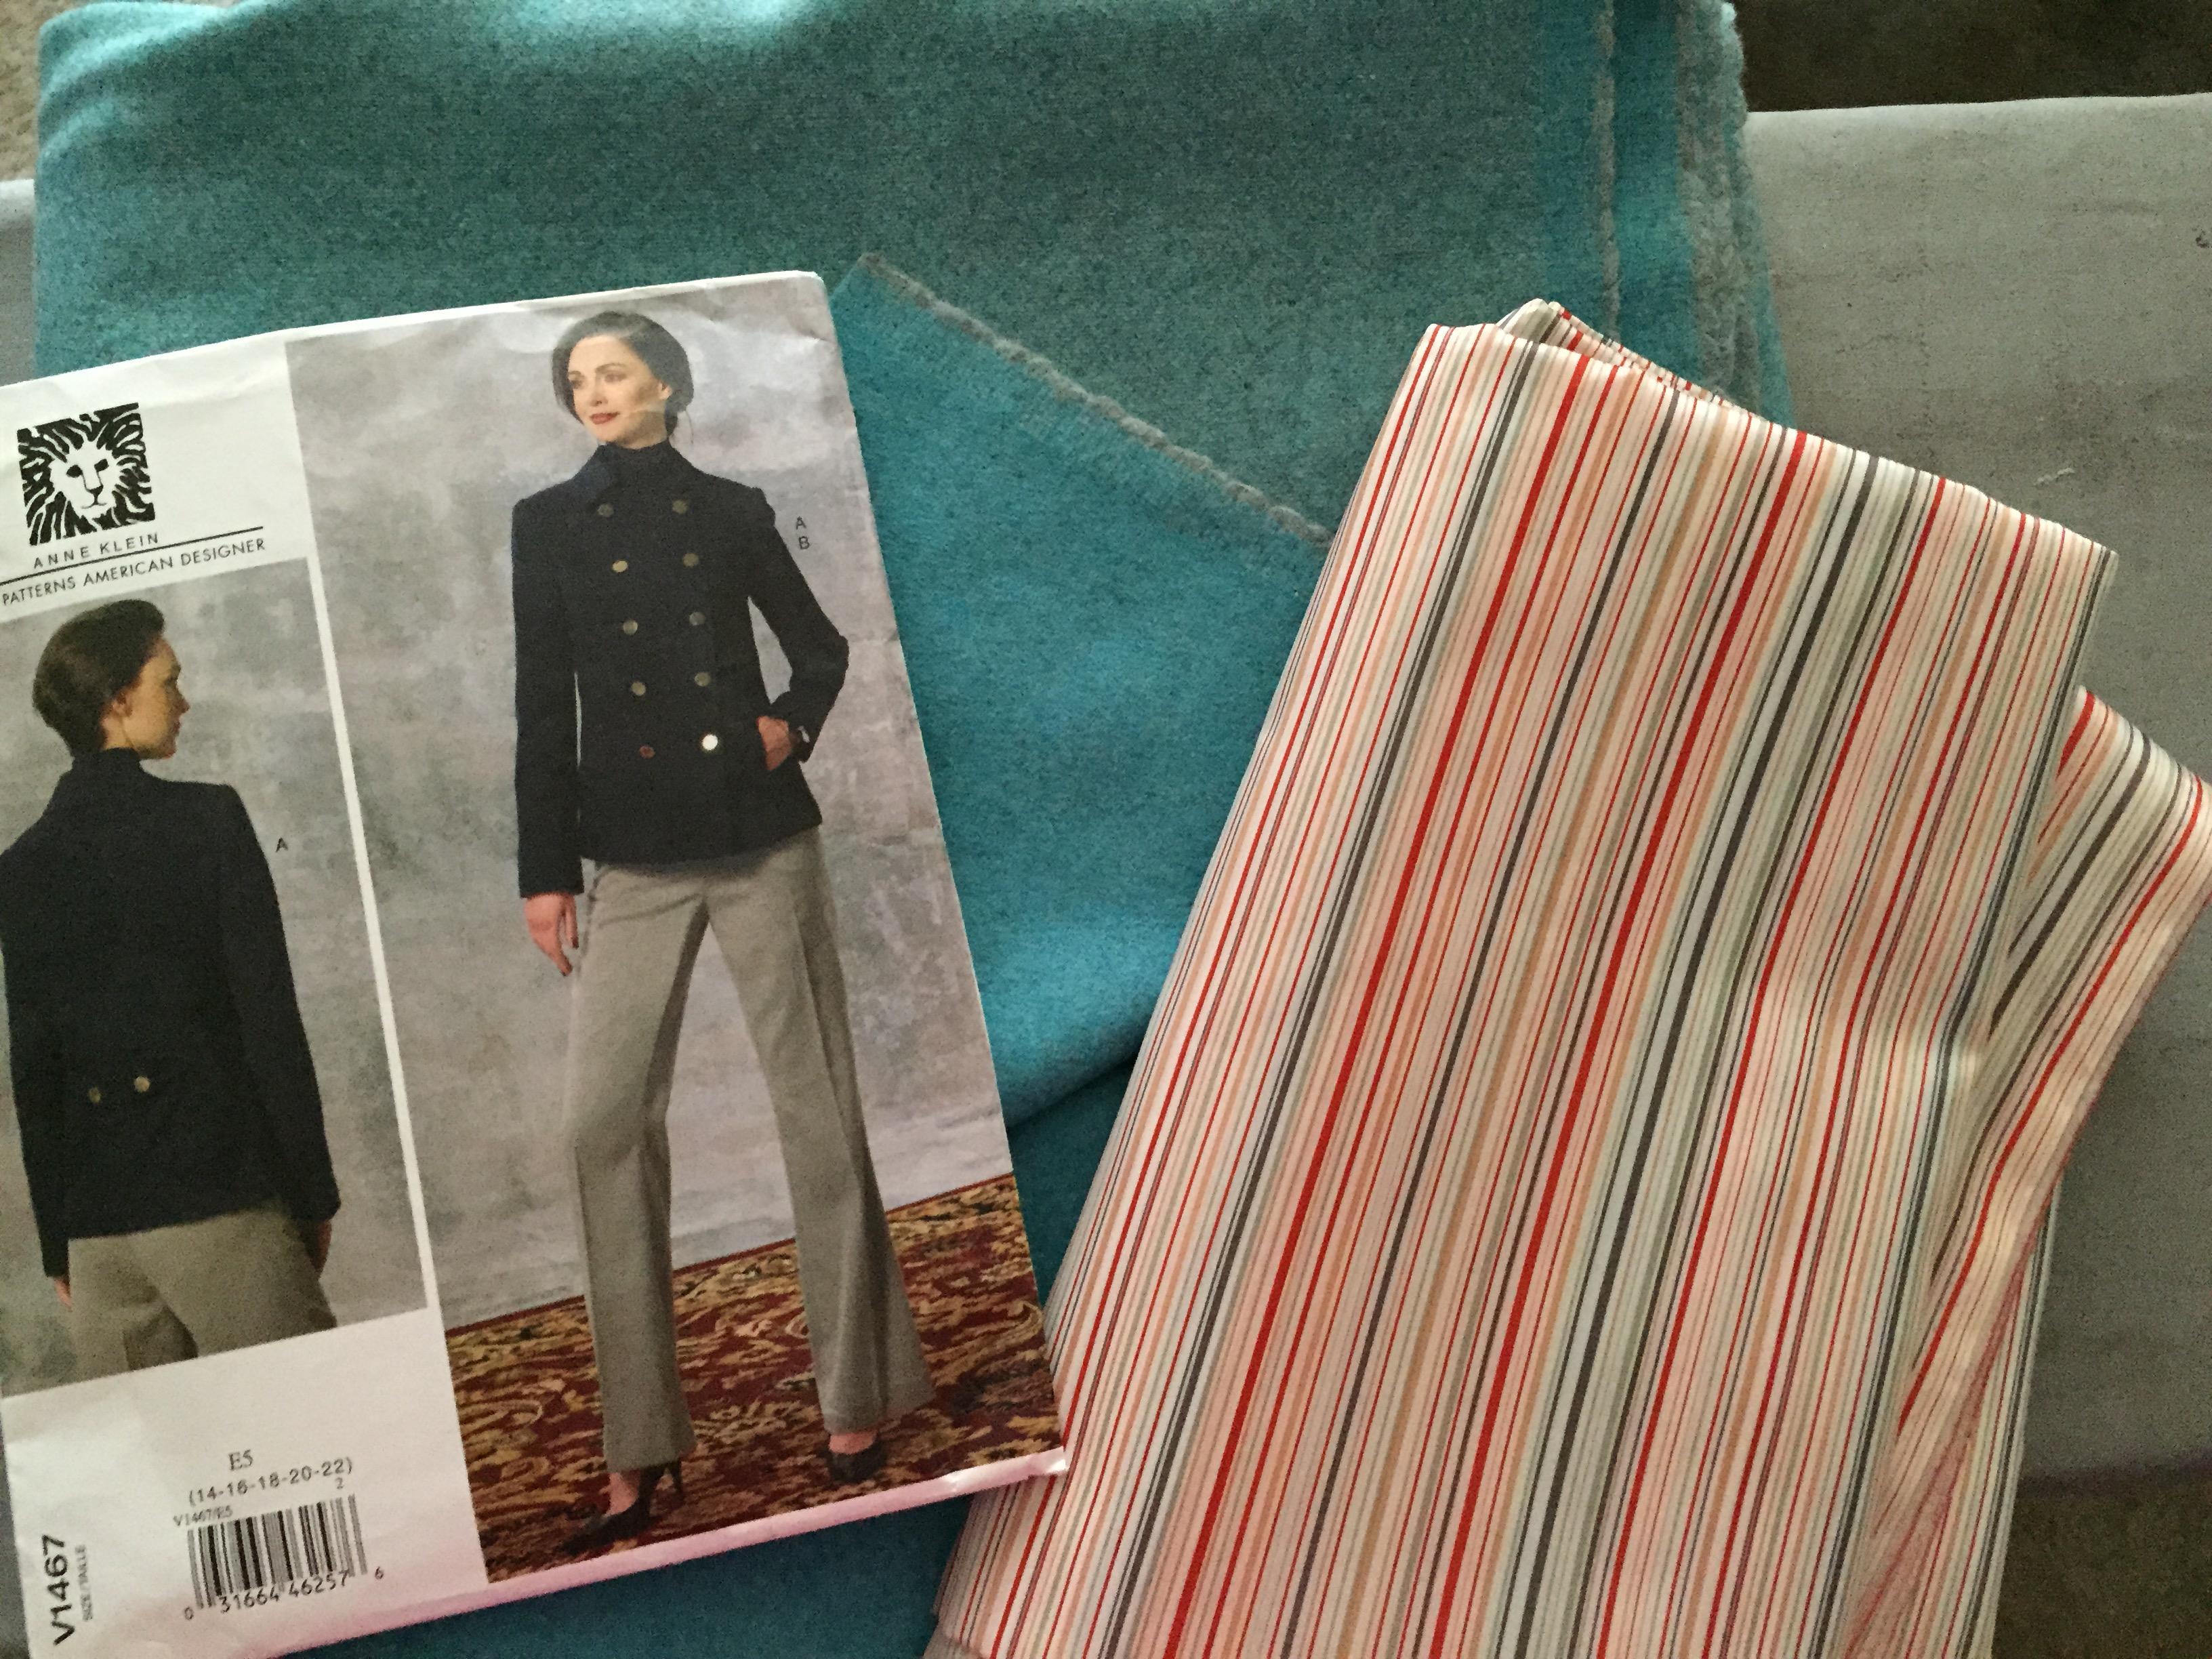 Vogue 1467 Pea Coat Sew Along Sew Along